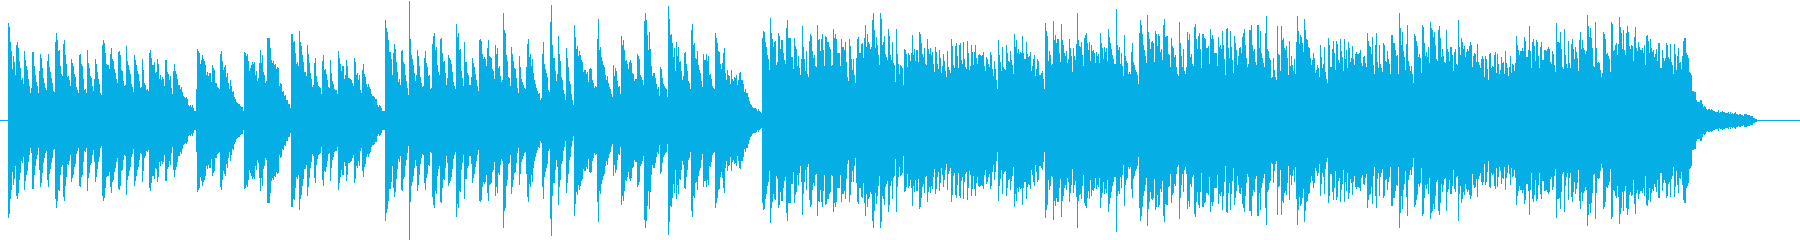 桜・卒業式 優しくて少し切ないピアノソロの再生済みの波形